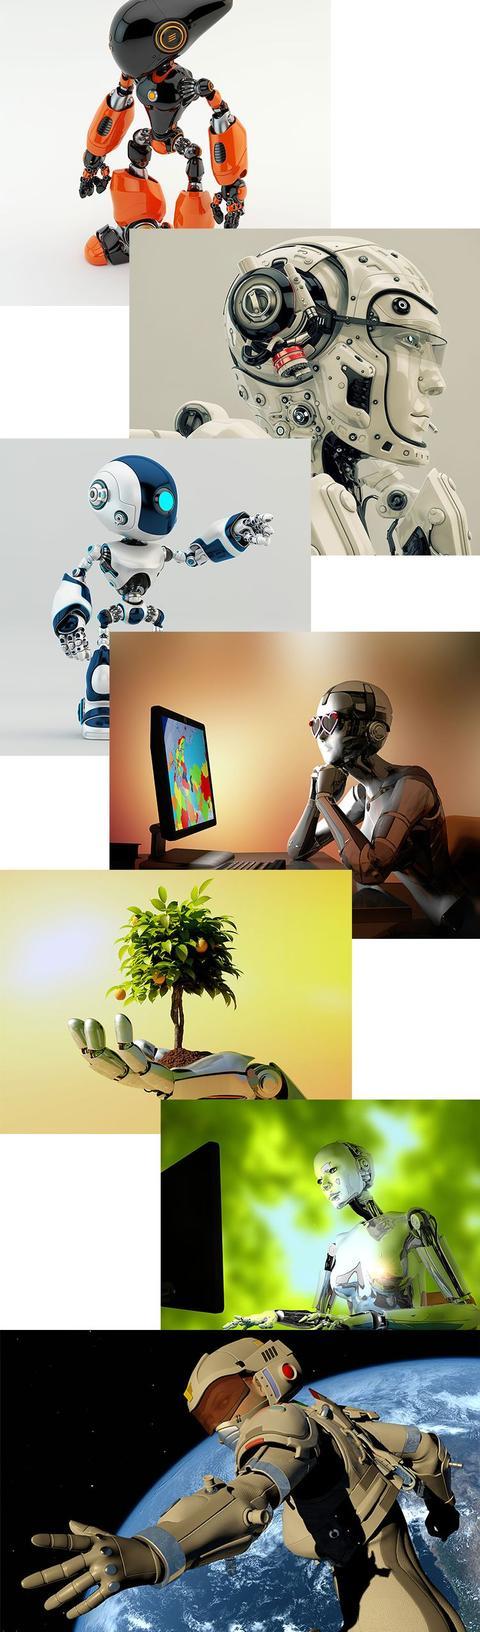 人工智能的图片ppt(ai人工智能图片清晰)